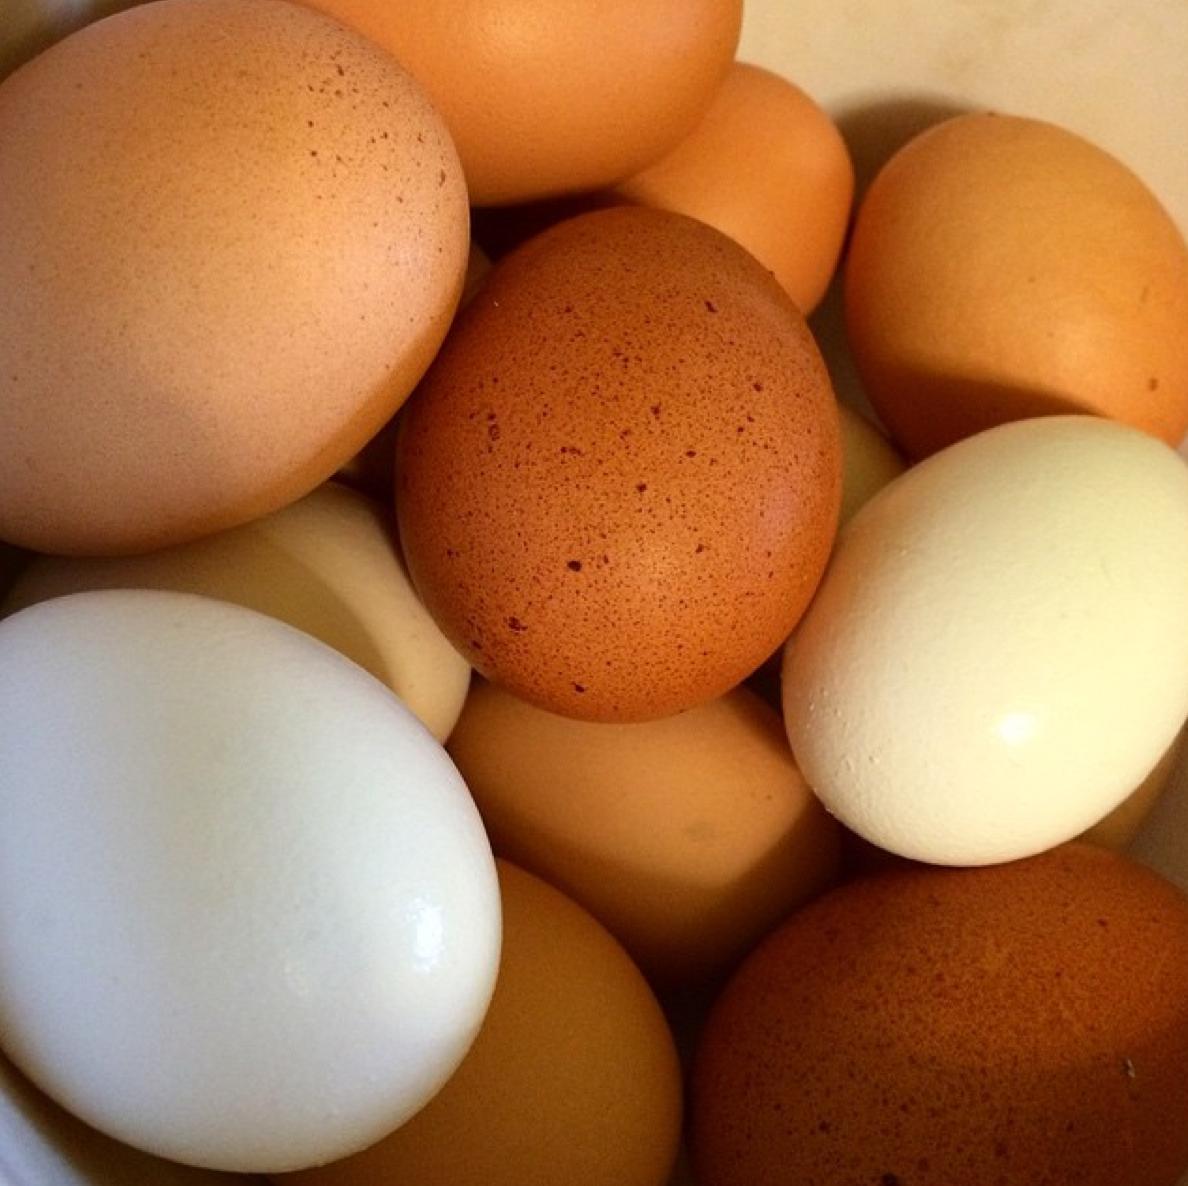 The incredible edible pastured egg.